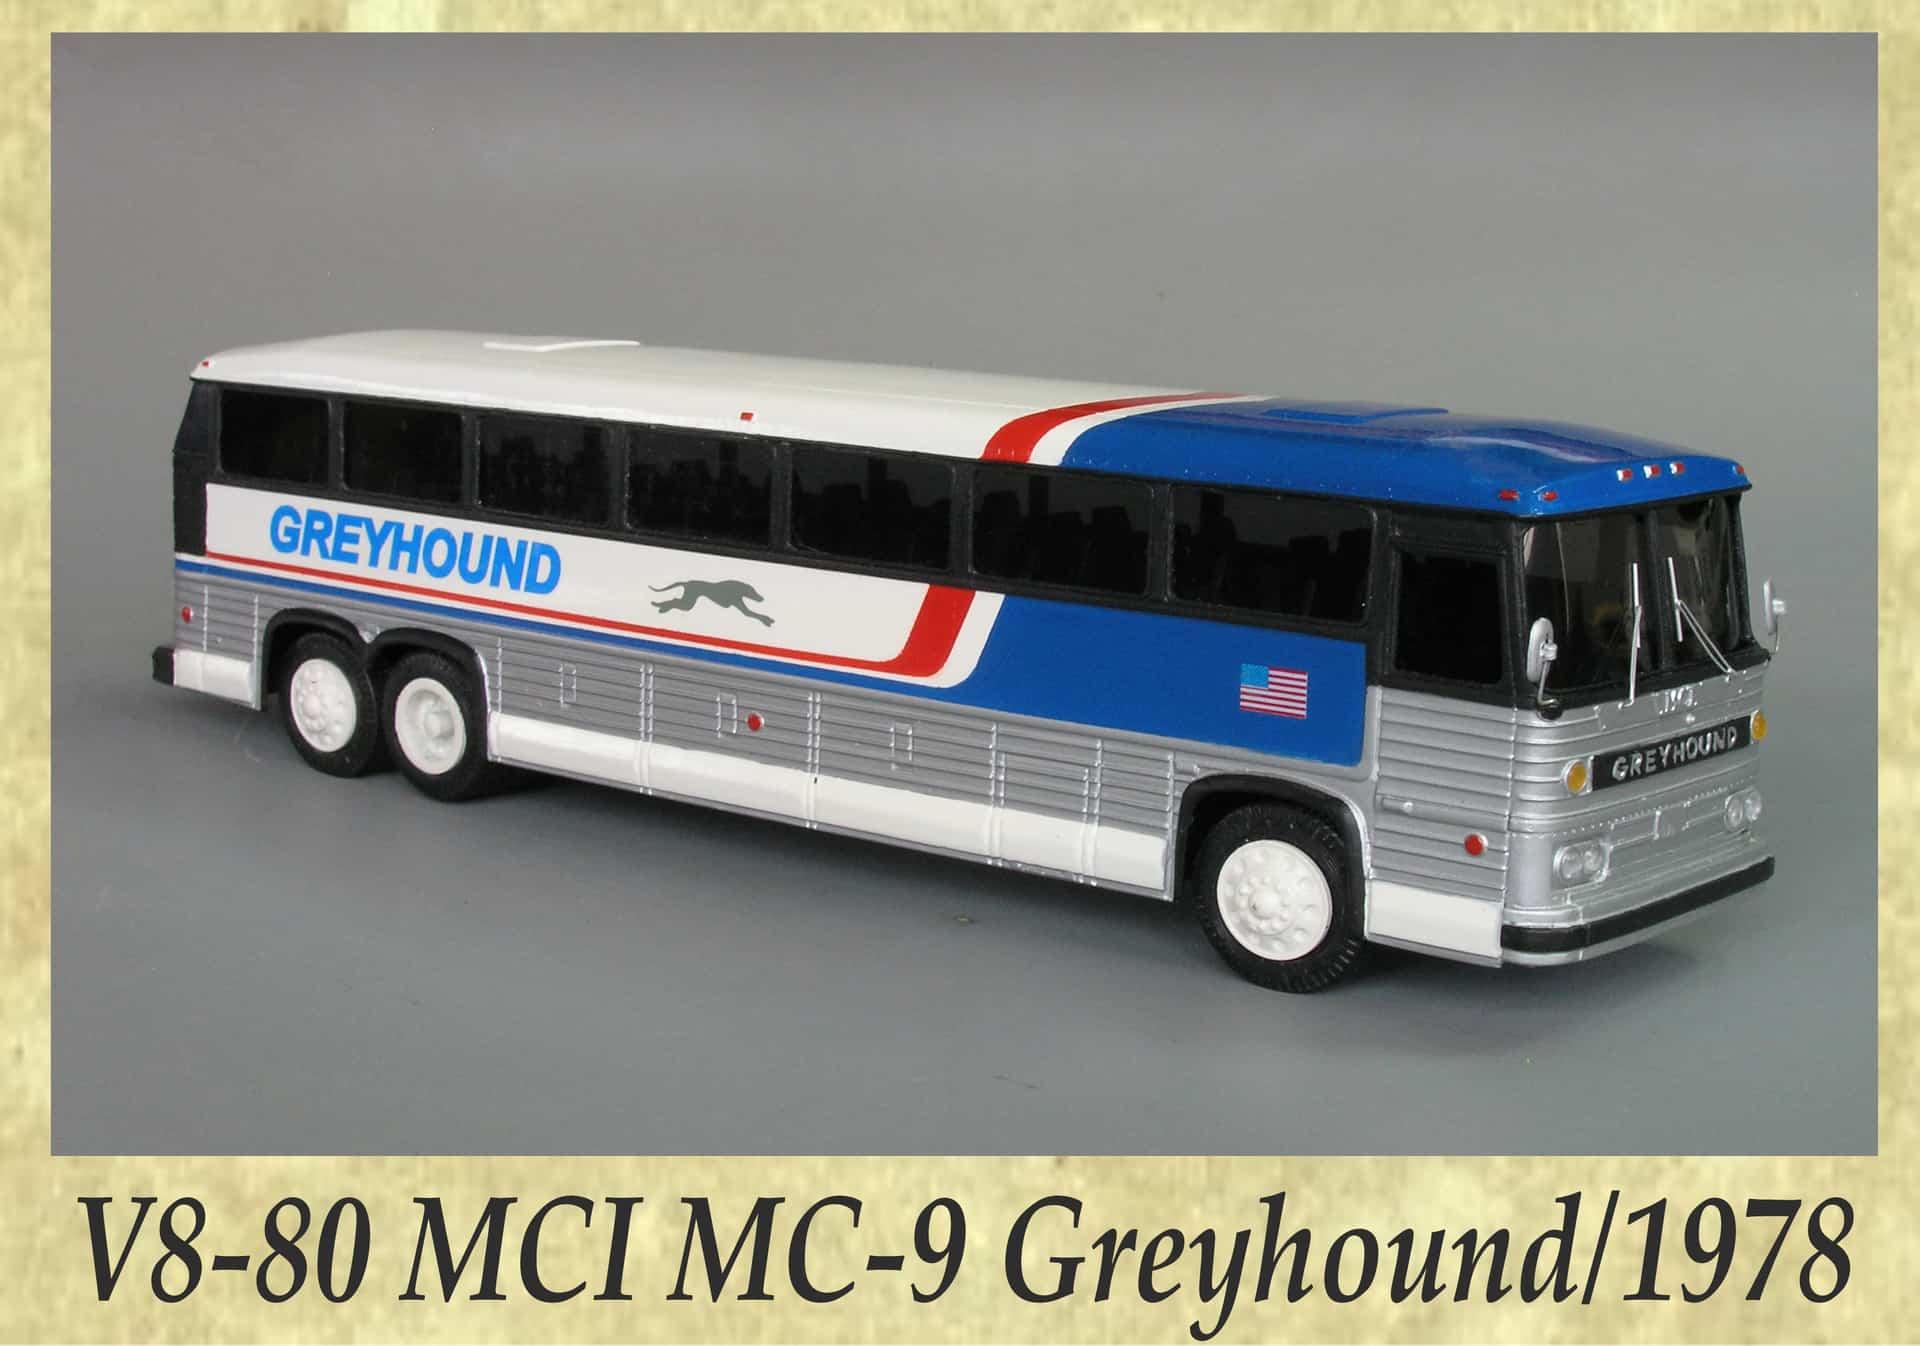 V8-80 MCI MC-9 Greyhound 1978